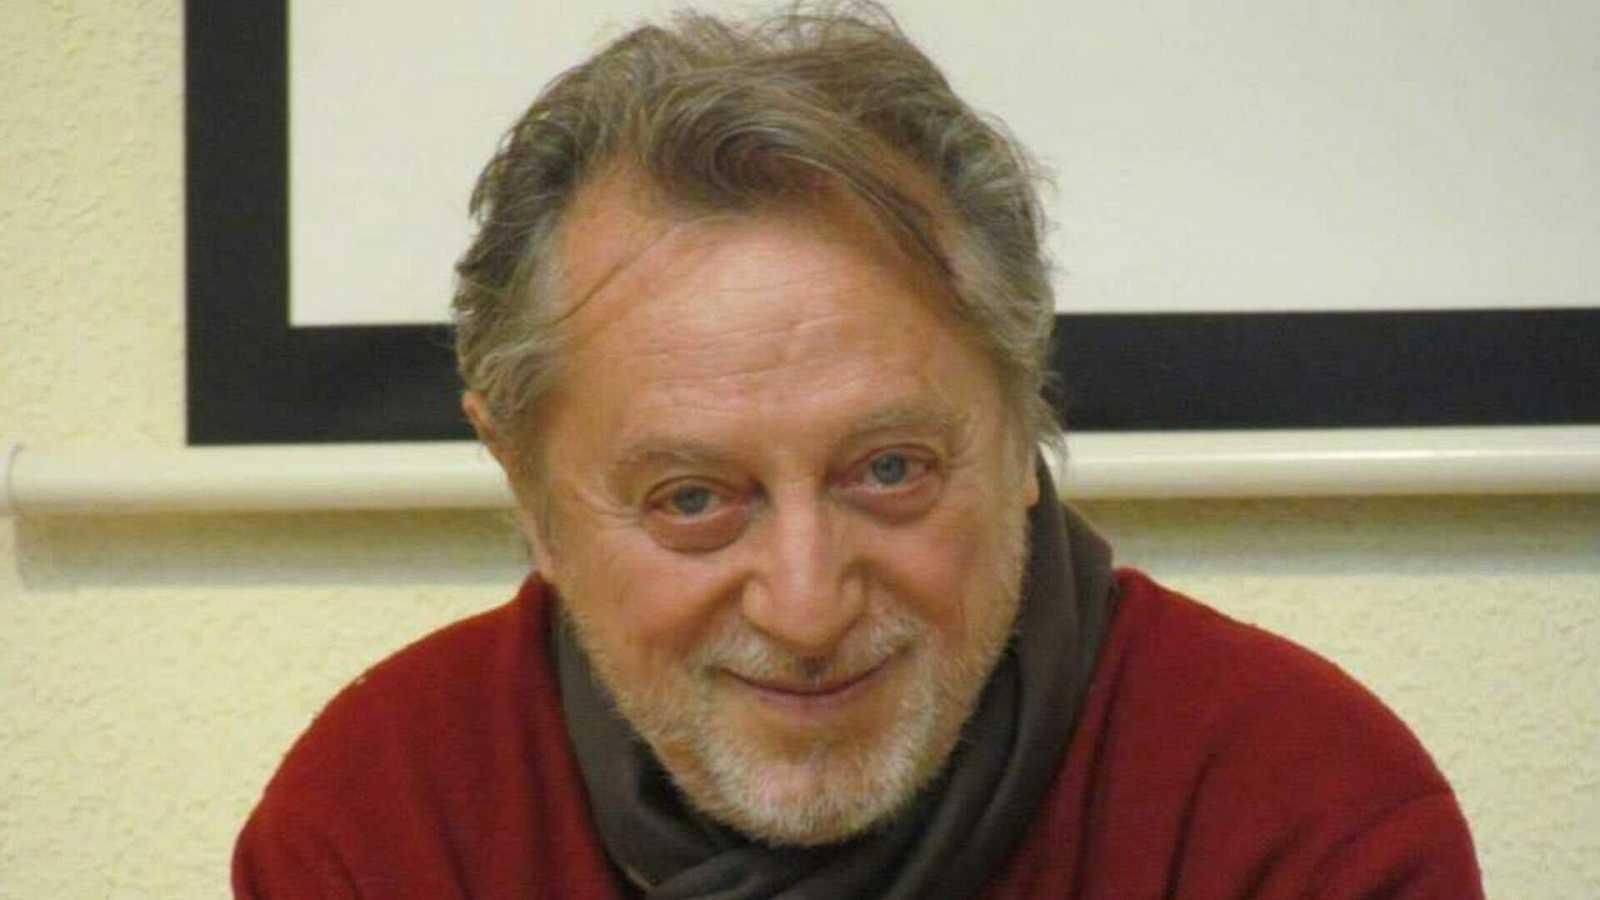 Escena y cena - Manuel Galiana nació actor - 17/02/21 - Escuchar ahora